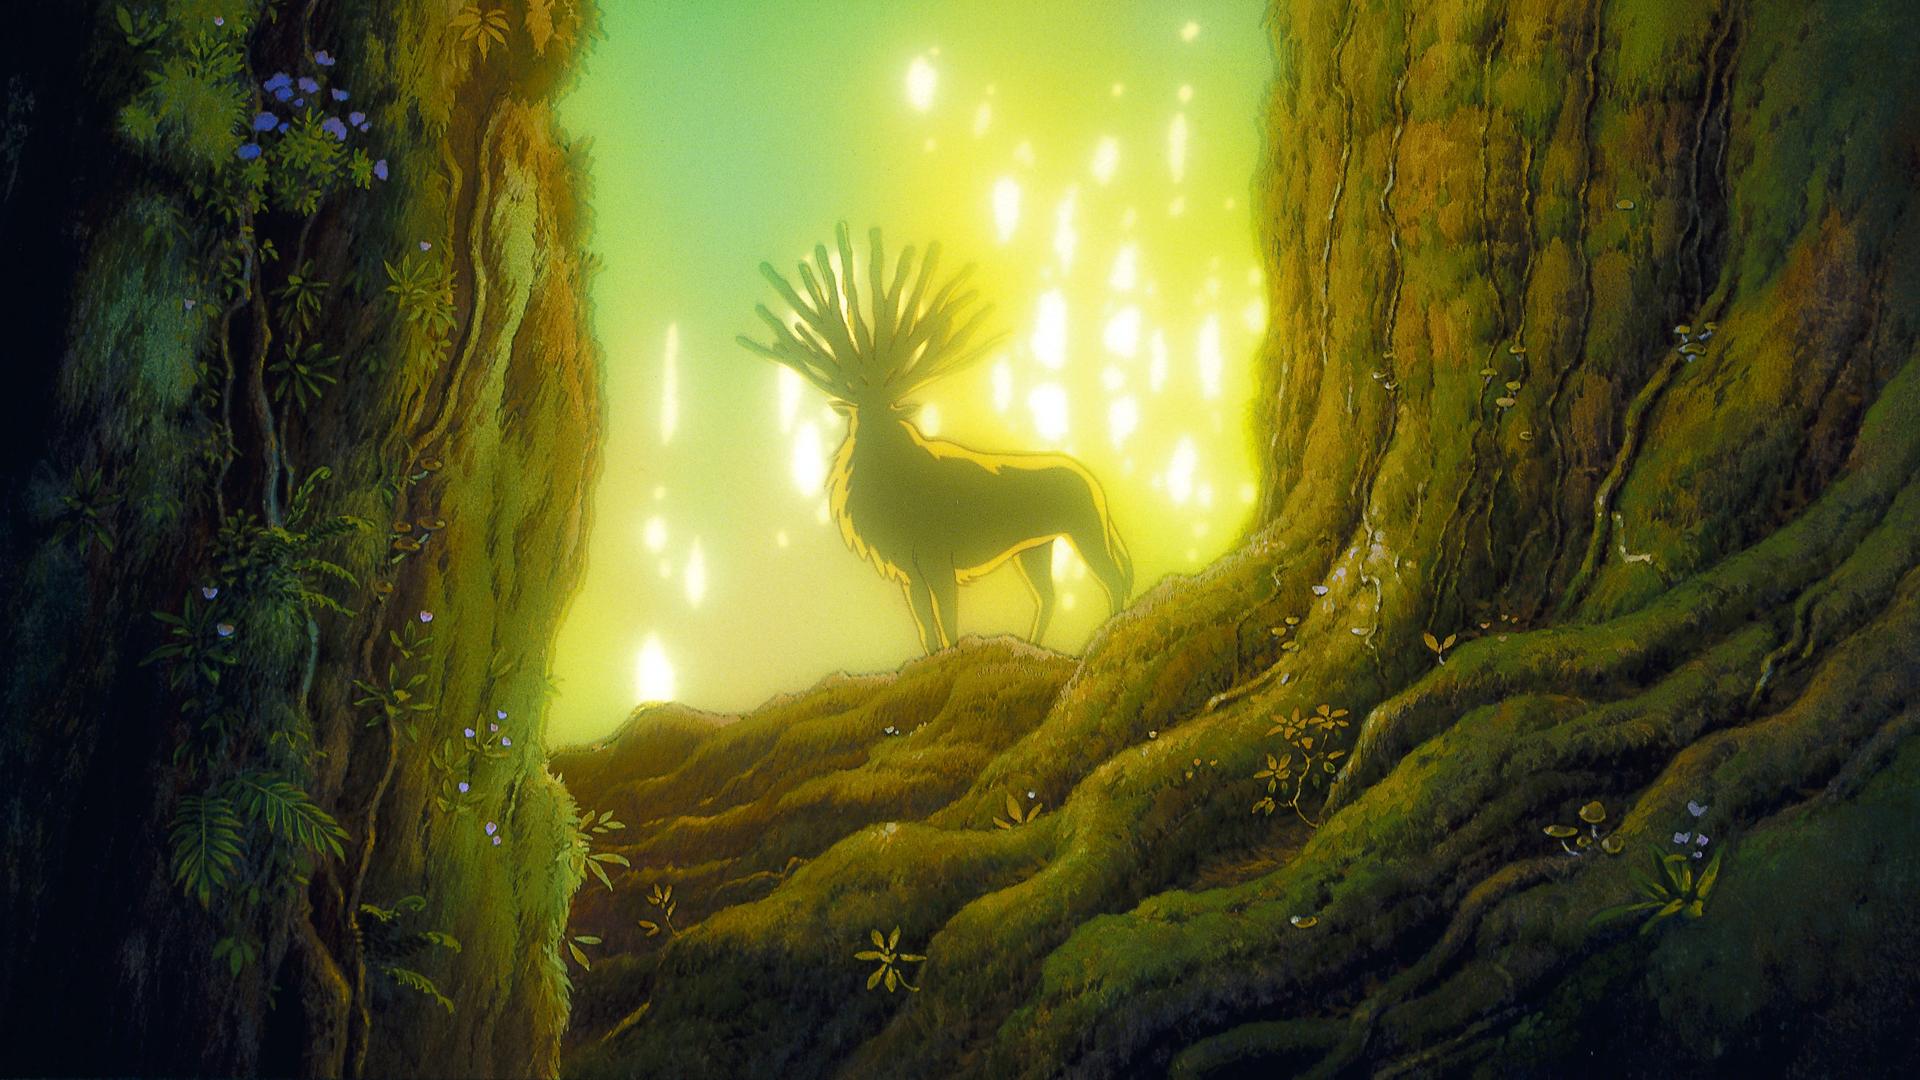 En pleine forêt, un cerf aux multiples bois est illuminé par les rayons du soleil.